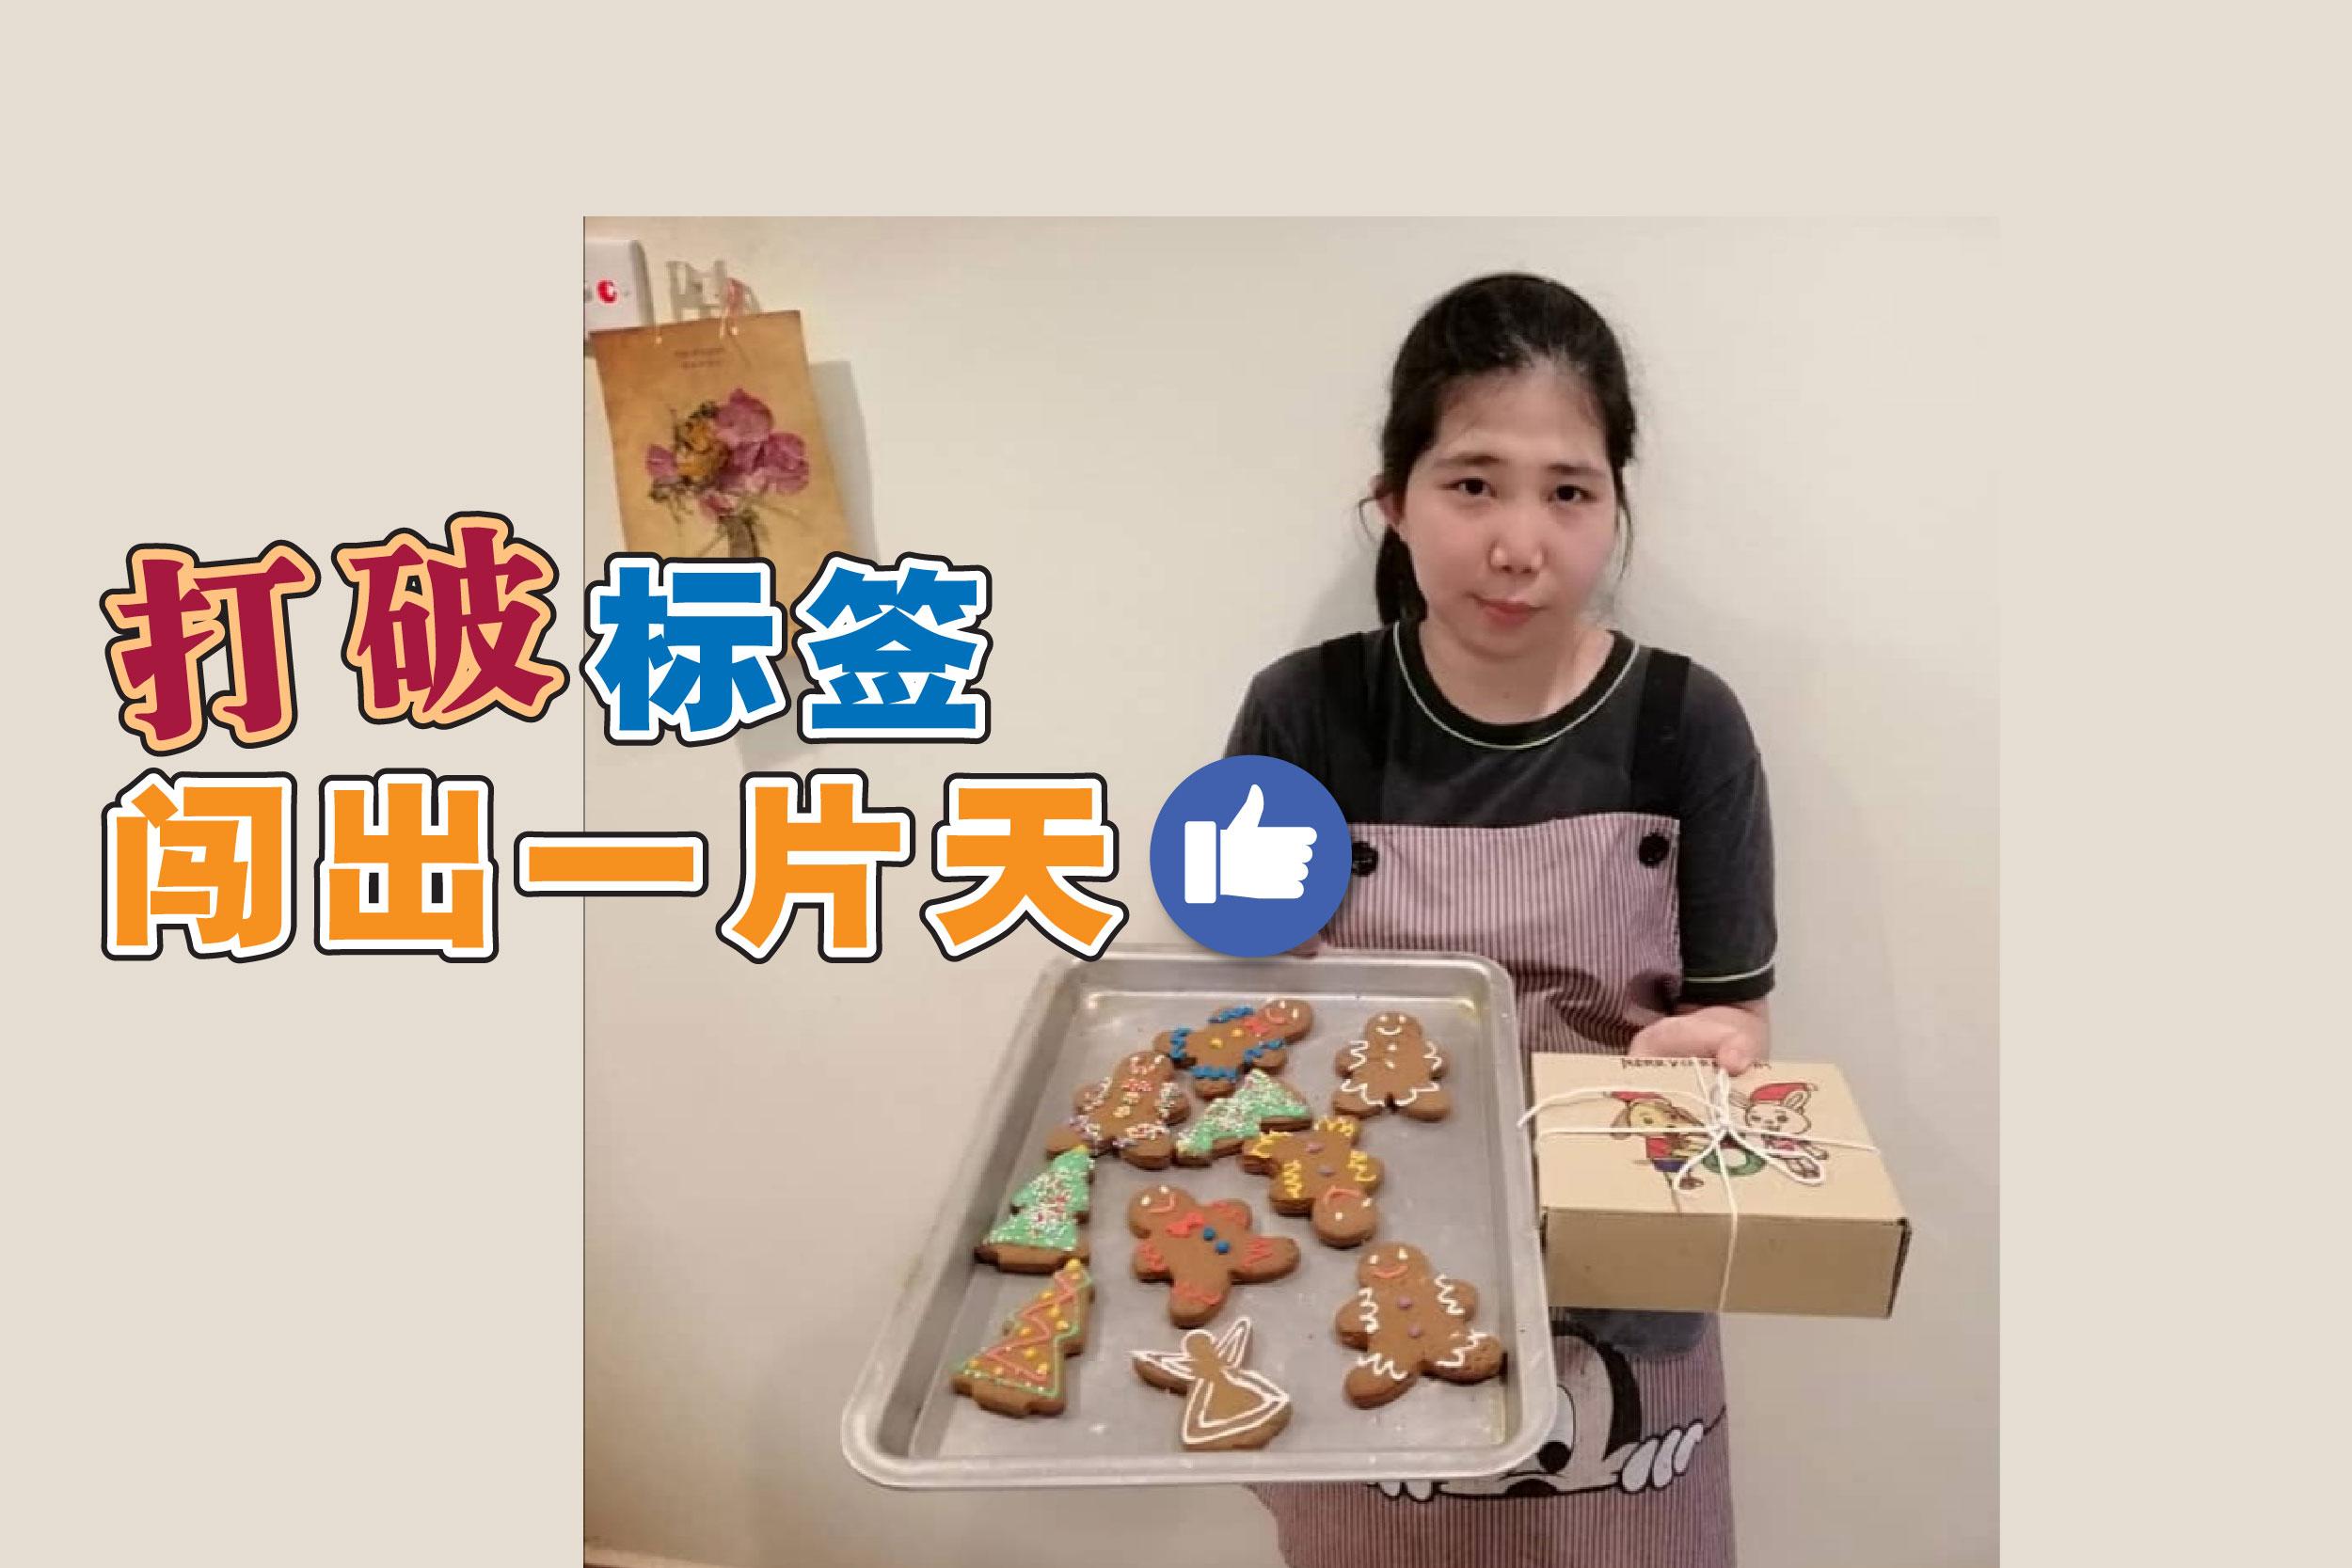 """随着圣诞节的到来,家庭烘焙师雷婉根为了和其他烘焙店不同,推出了丰富的""""欢乐盒(jolly box)""""。-Sylvia Looi摄,精彩大马制图-"""